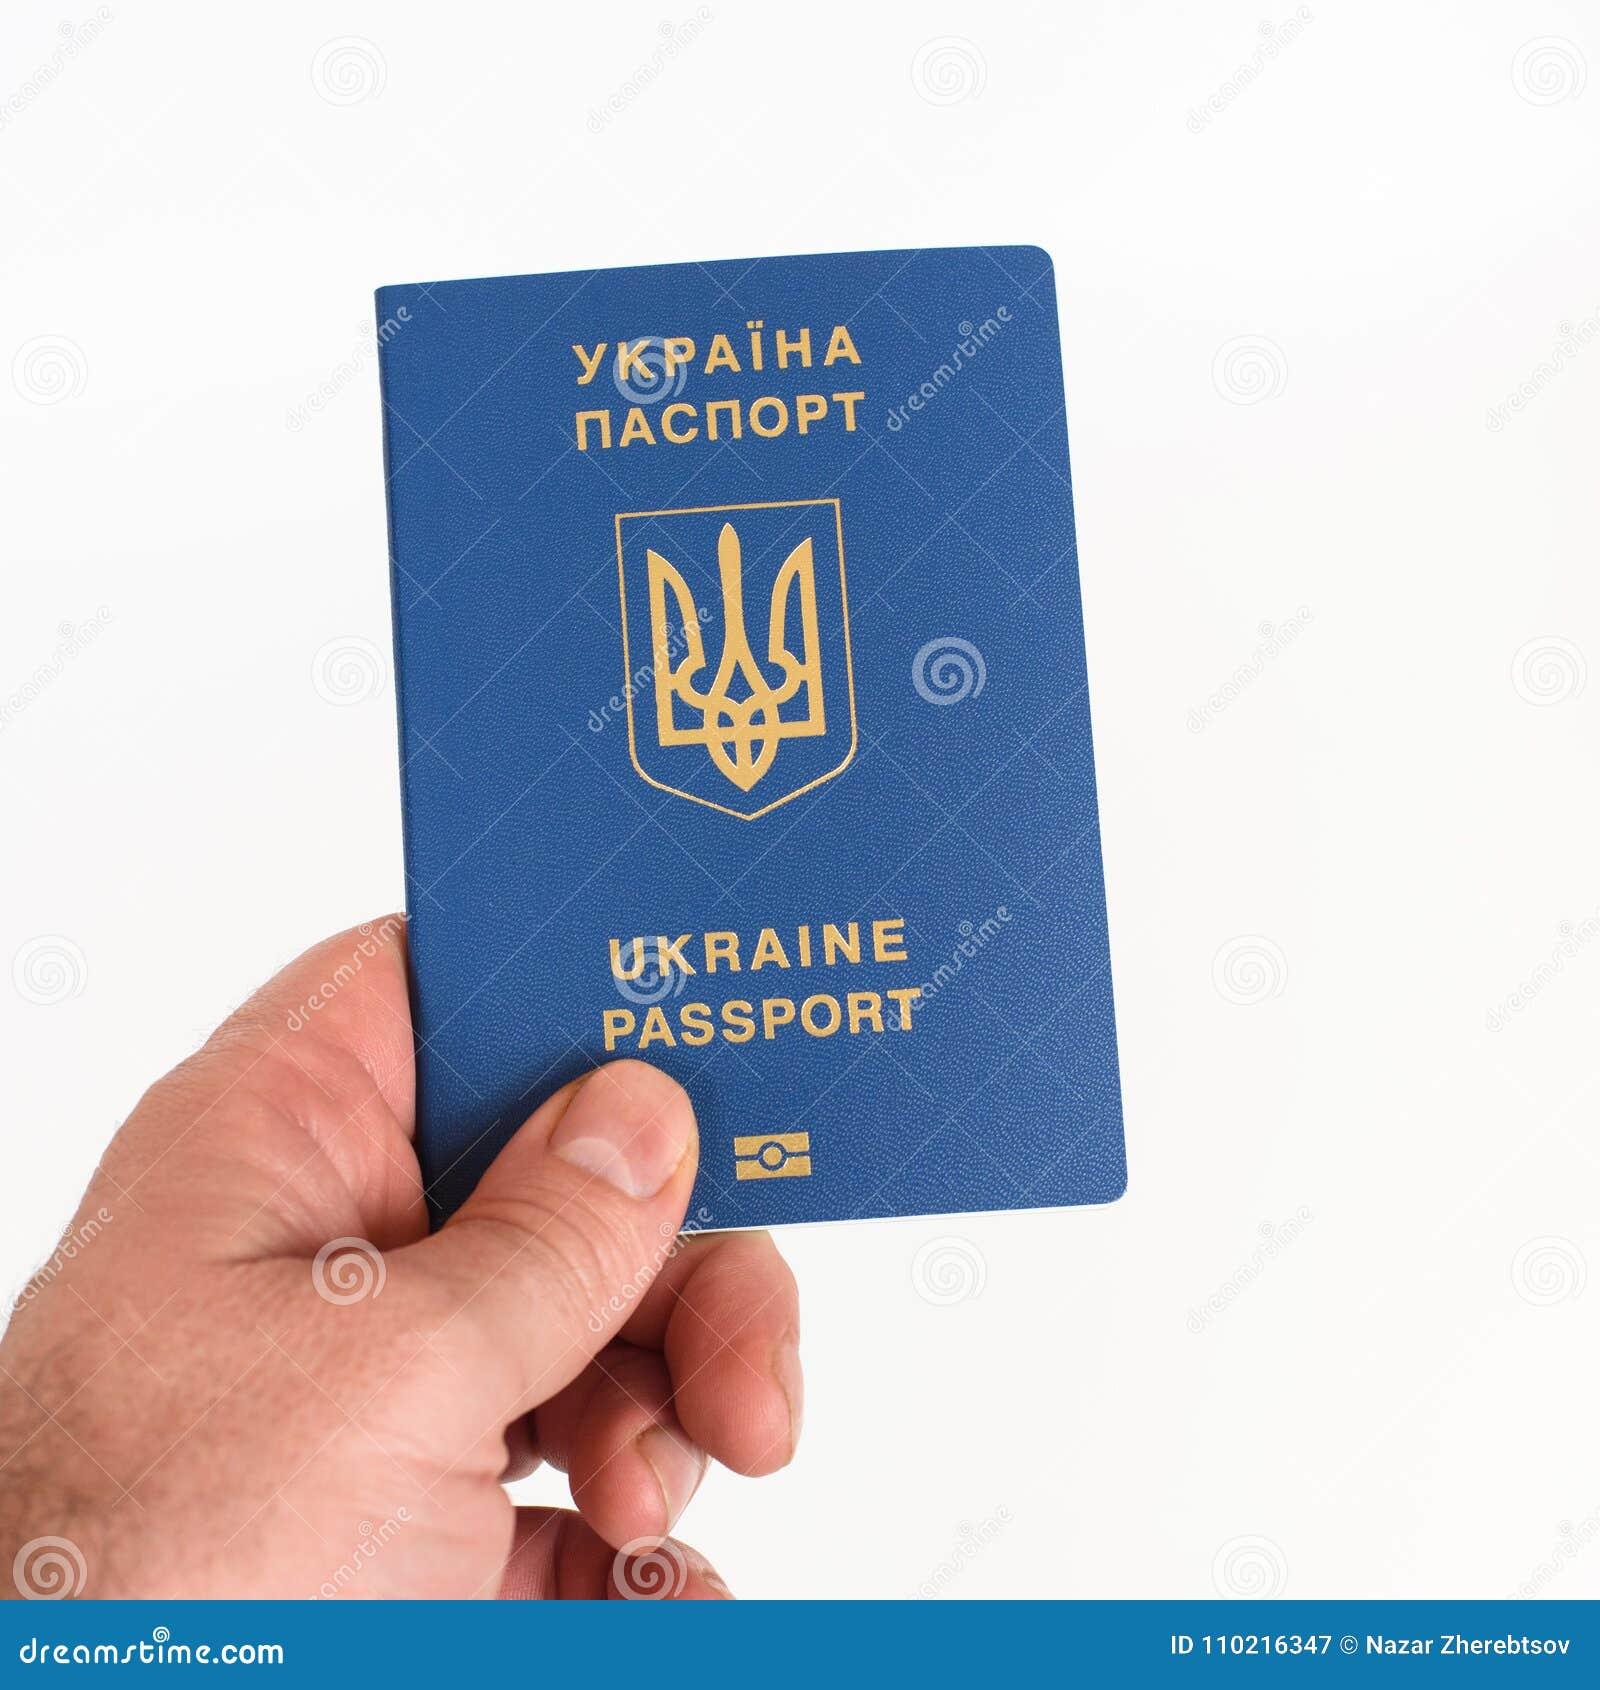 Man`s Hand holding Ukrainian biometric passport isolated on white background